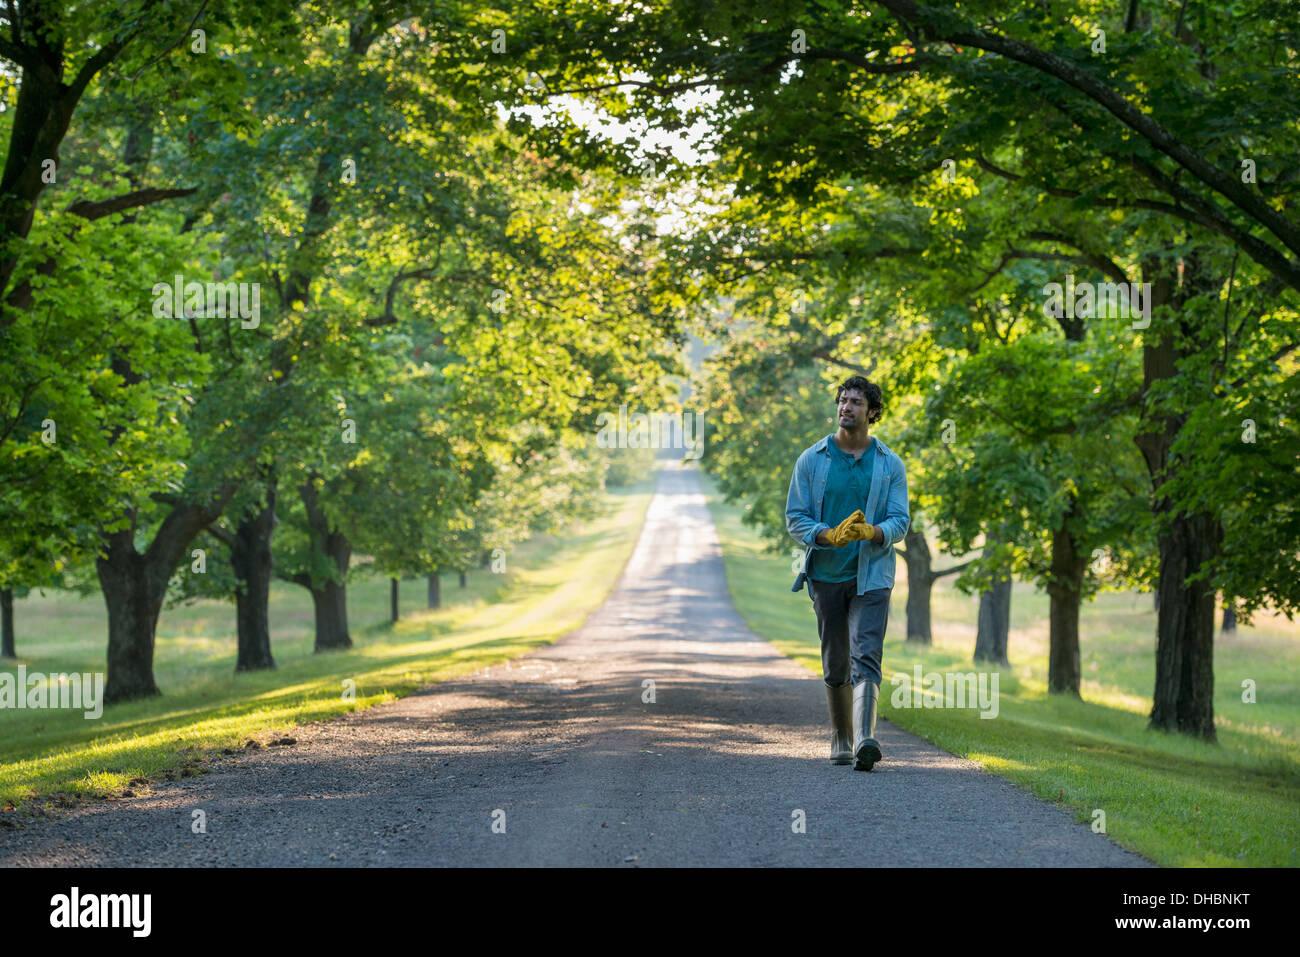 Un hombre caminando por una senda arbolada. Foto de stock